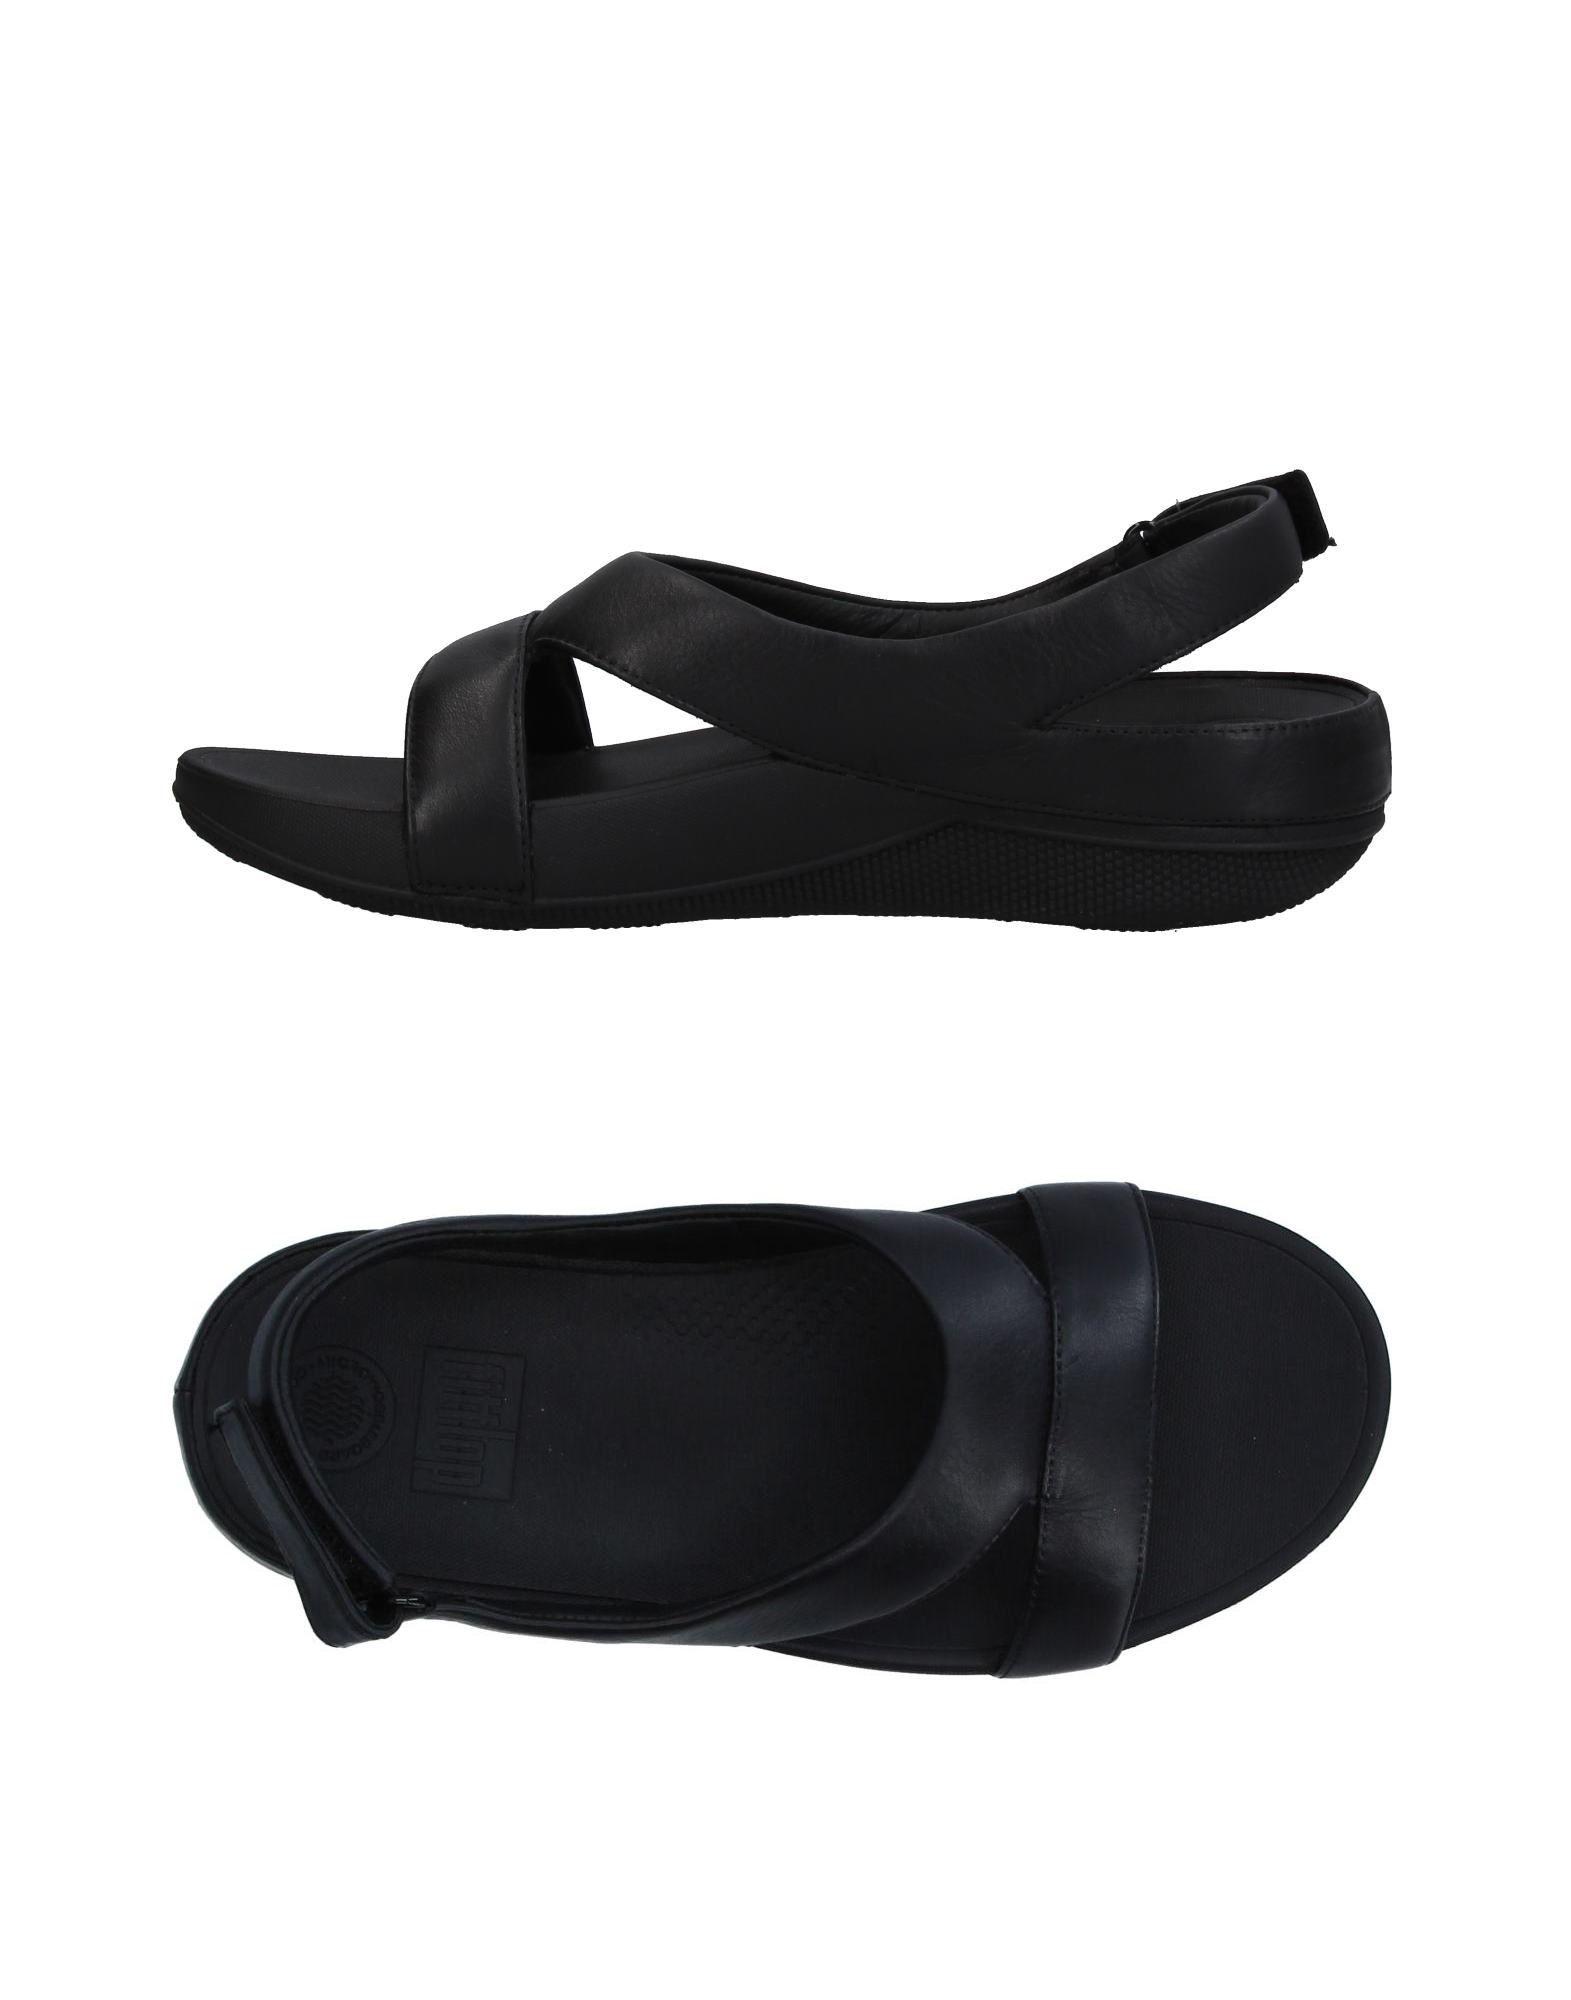 Fitflop Sandalen Damen  11349705DH Gute Qualität beliebte Schuhe